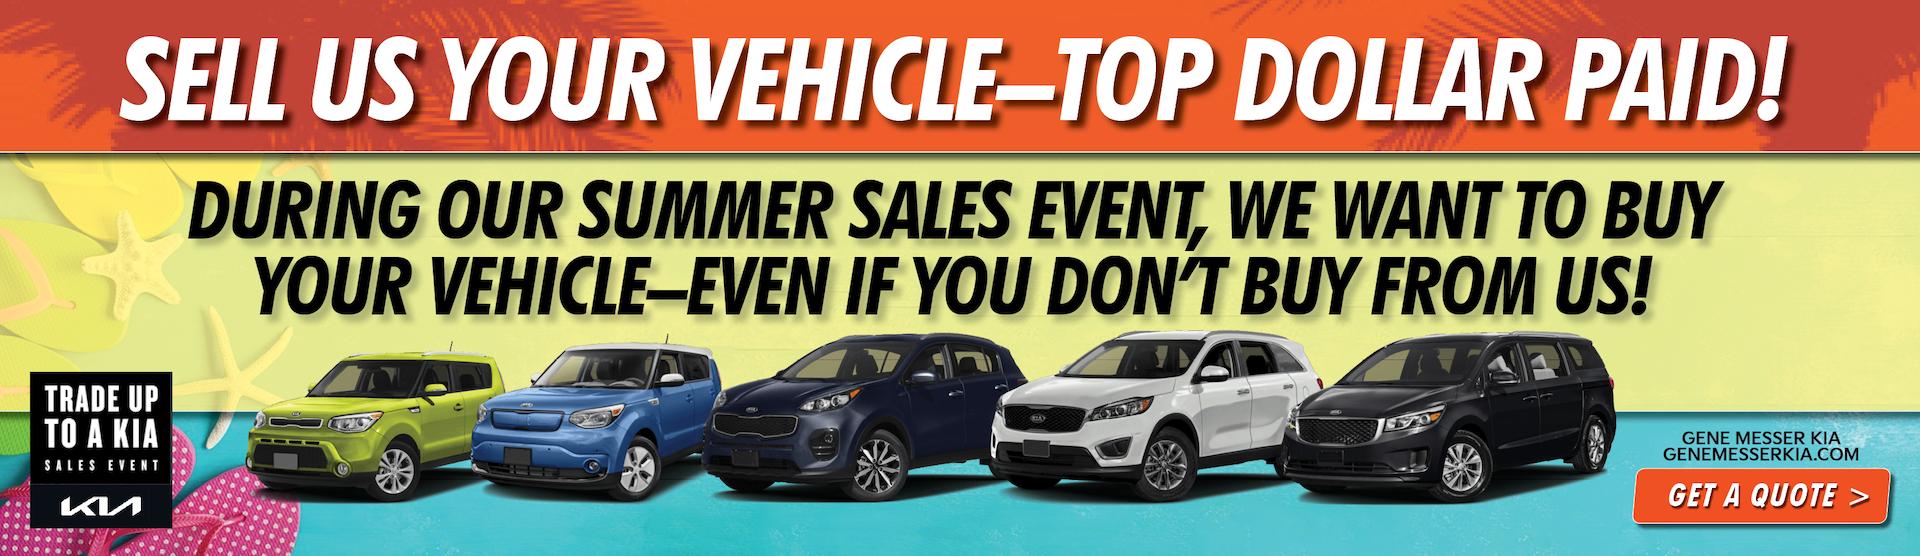 21JUN_Sell_Us_Car